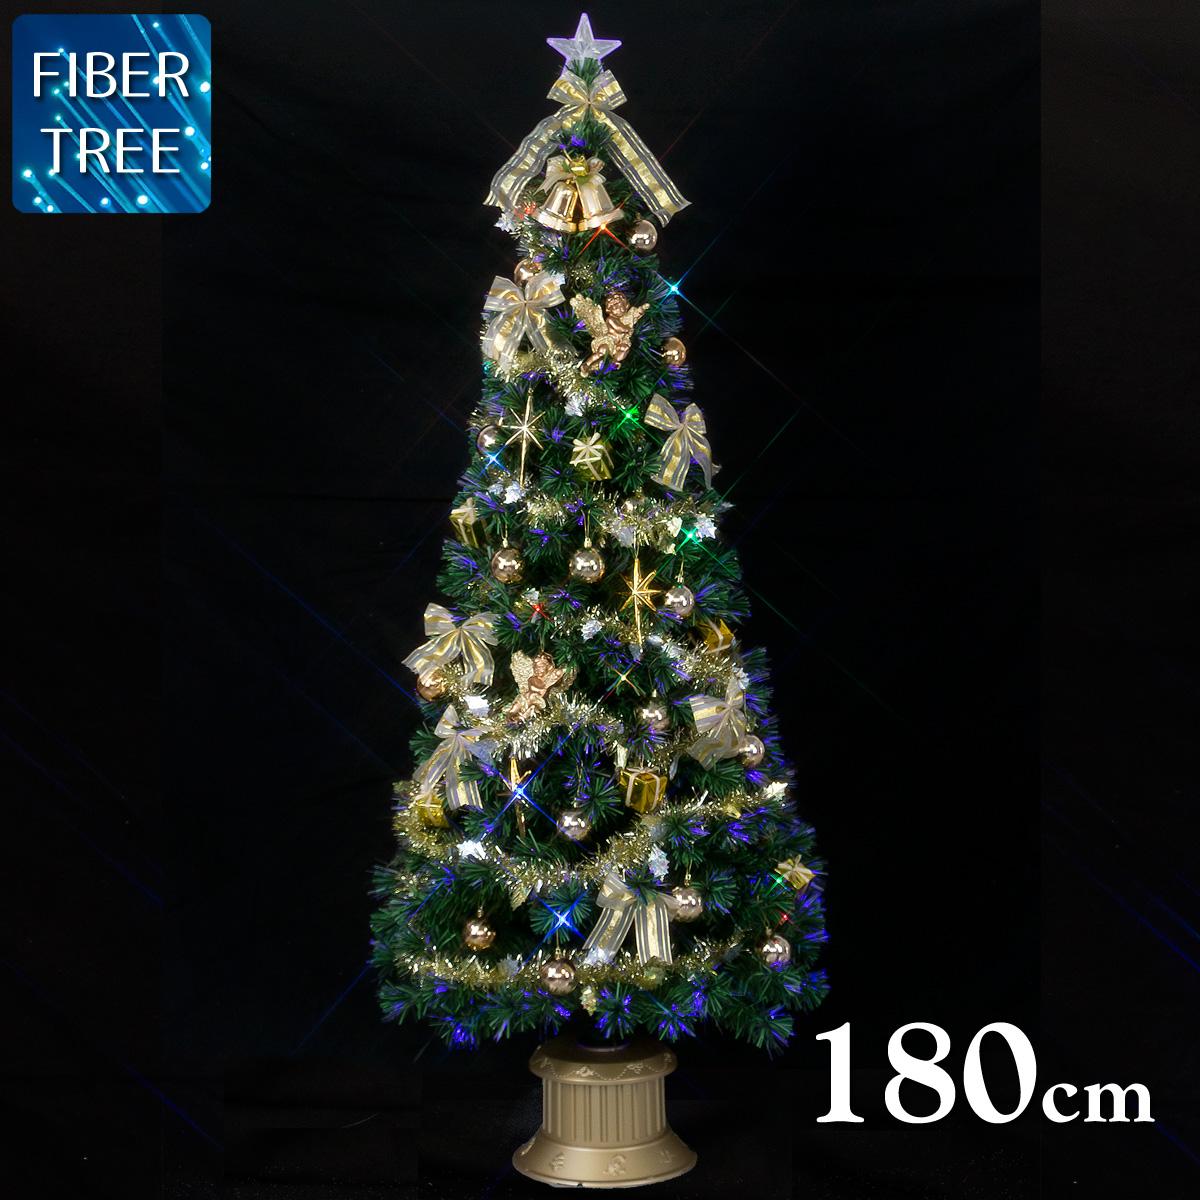 クリスマスツリー ファイバー 180cm ツリーセット ゴールド LED オーナメント付 北欧 おしゃれ  【10月下旬入荷予定】